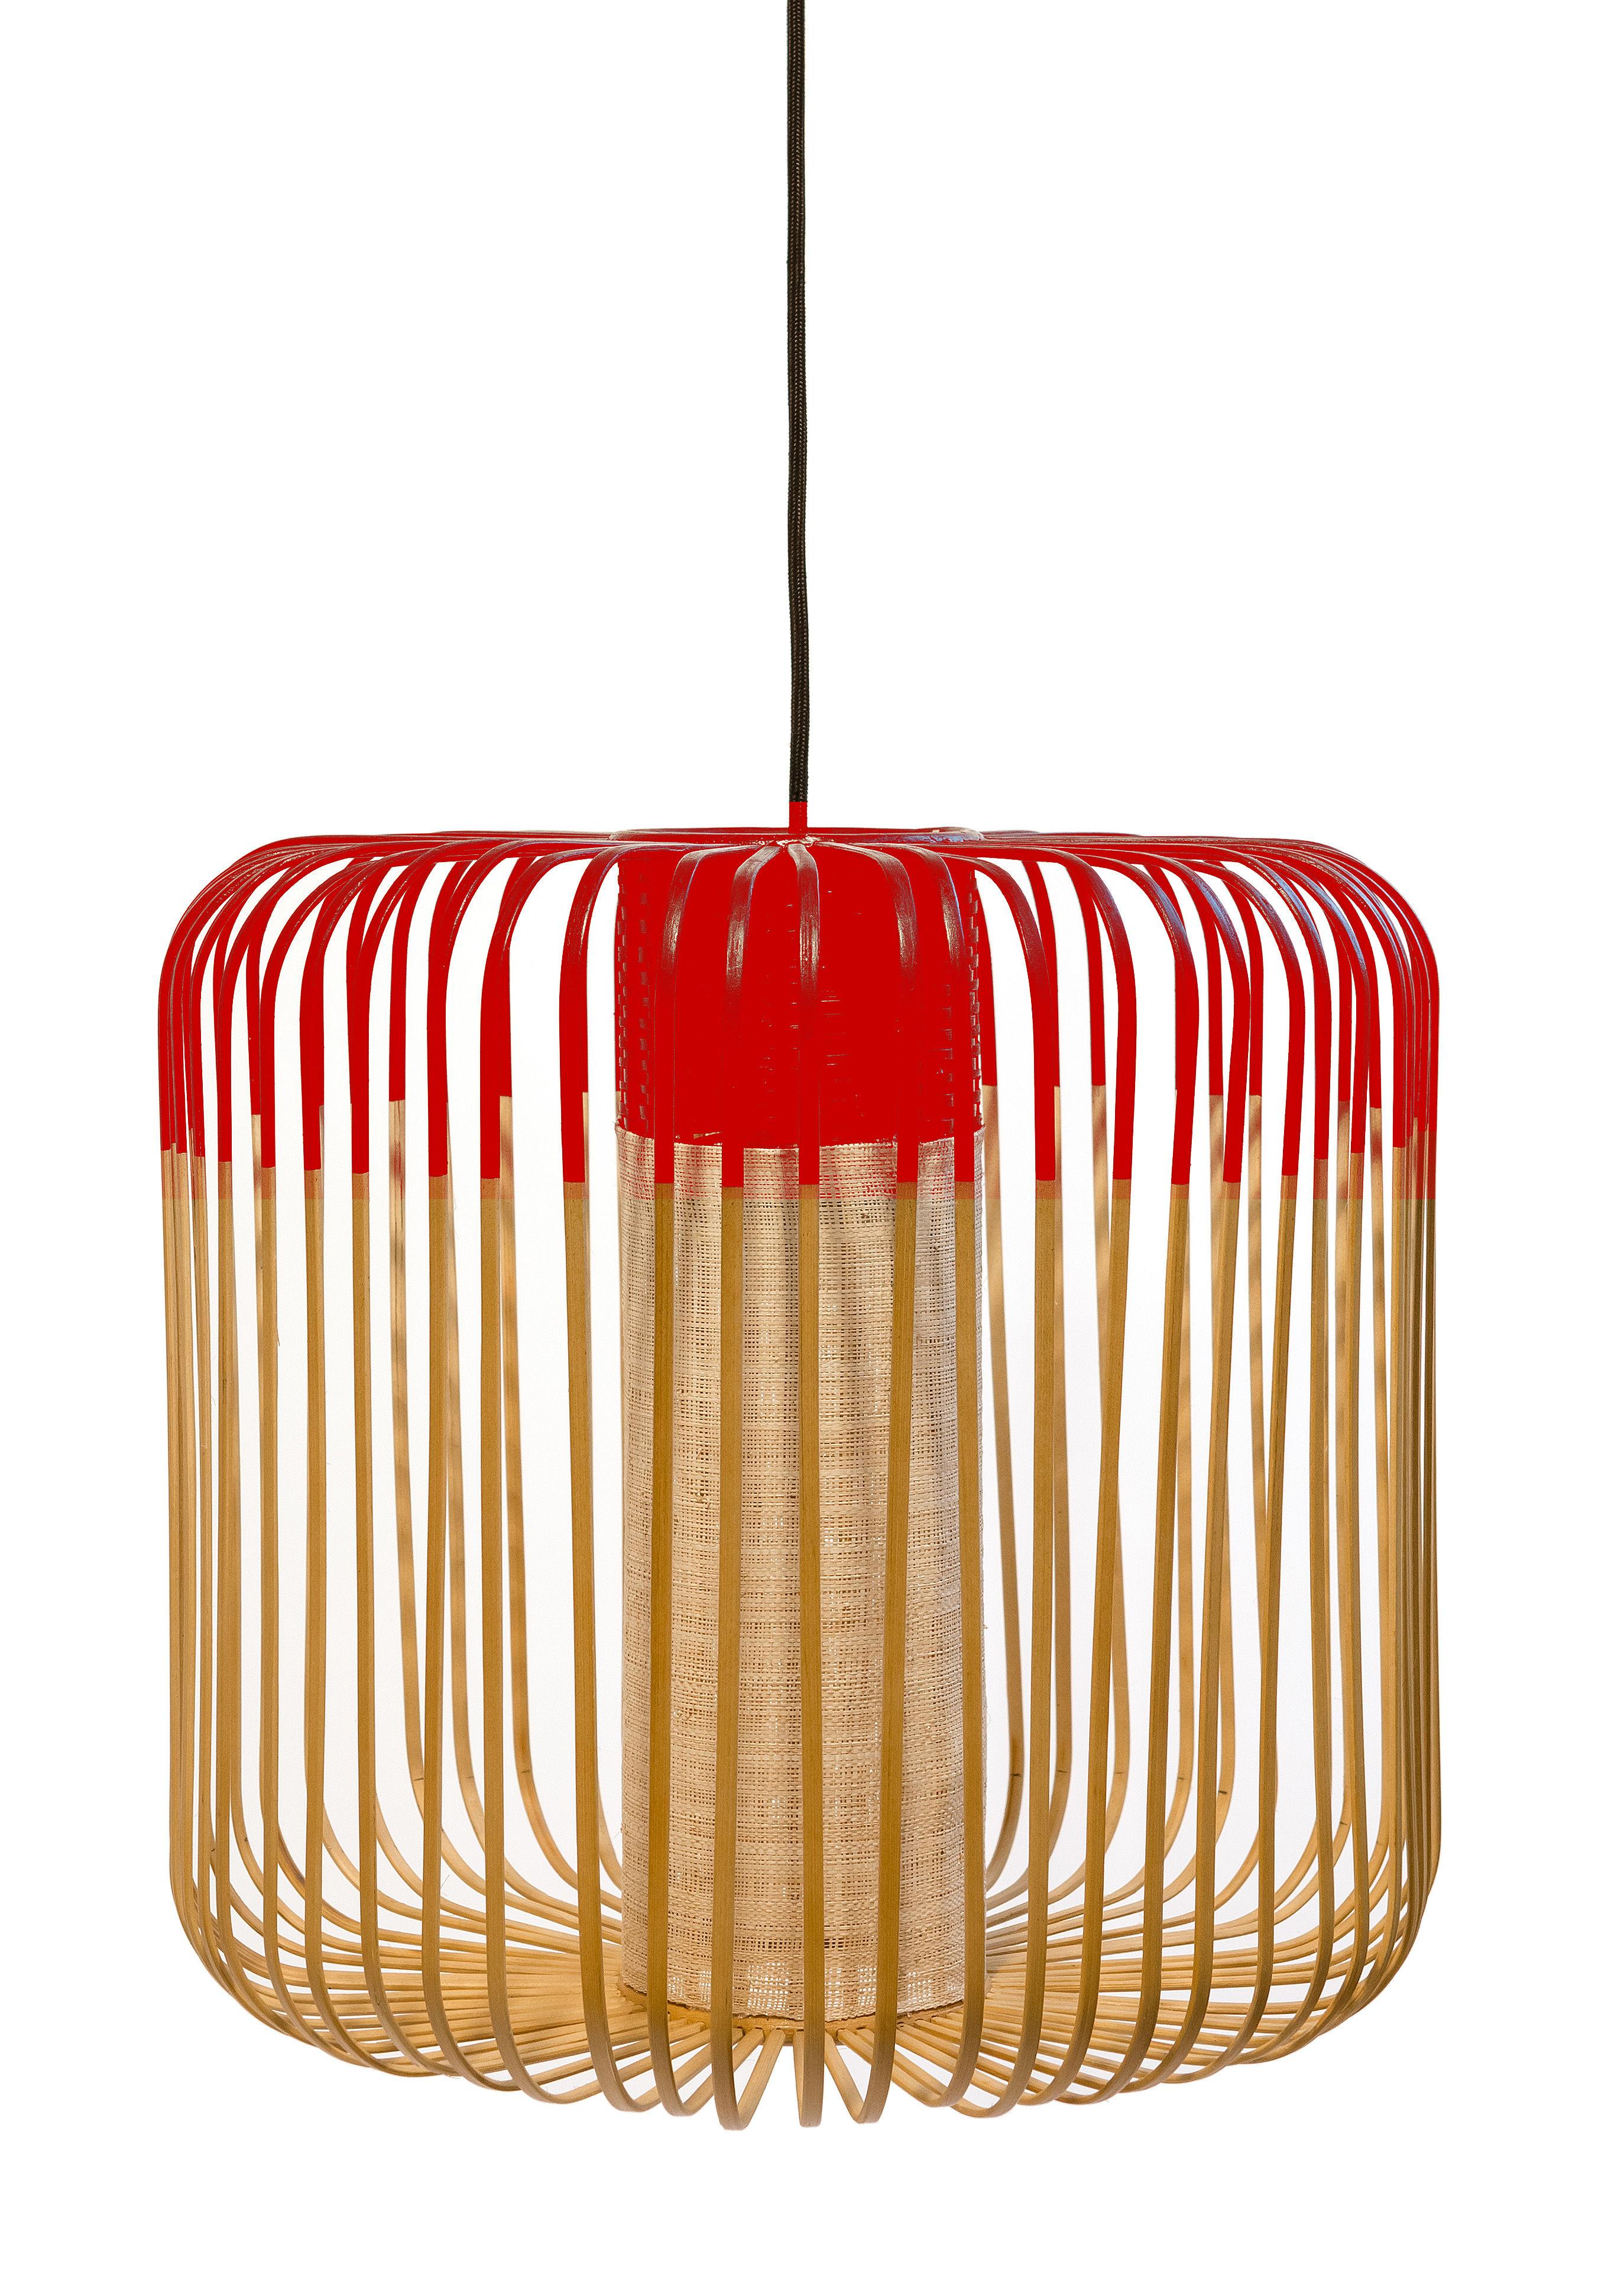 Illuminazione - Lampadari - Sospensione Bamboo Light M - / H 40 x Ø 45 cm di Forestier - Rosso / Naturale - Bambou naturel, Metallo, Tessuto